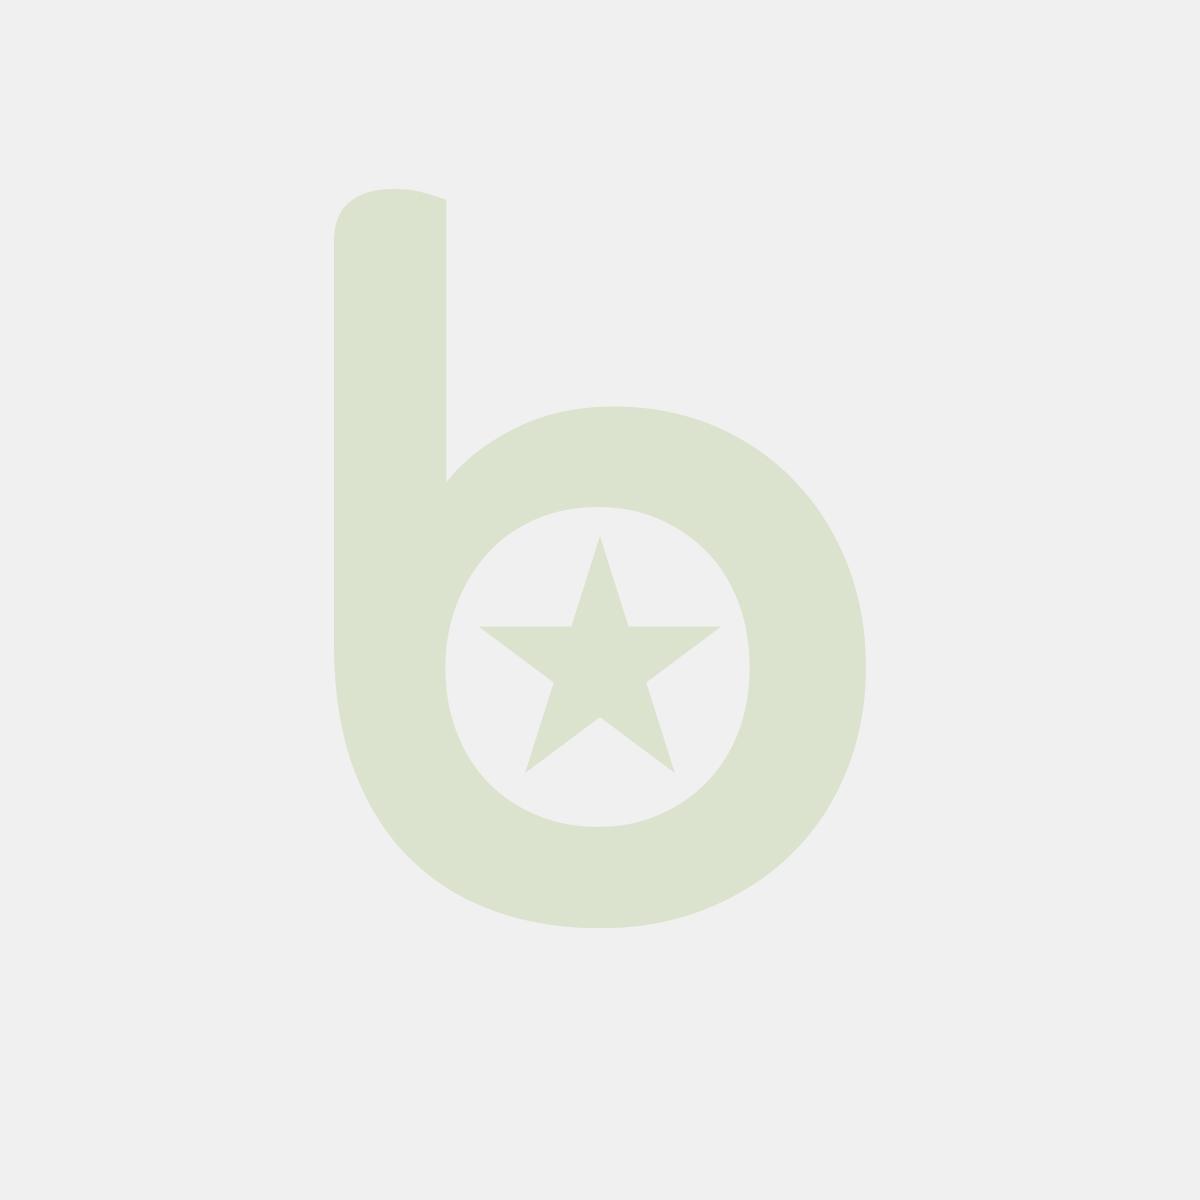 Bloczek samoprzylepny POST-IT® Super Sticky w linie (4690-SS3RIO-EU), 101x152mm, 3x90 kart., paleta Rio de Janeiro